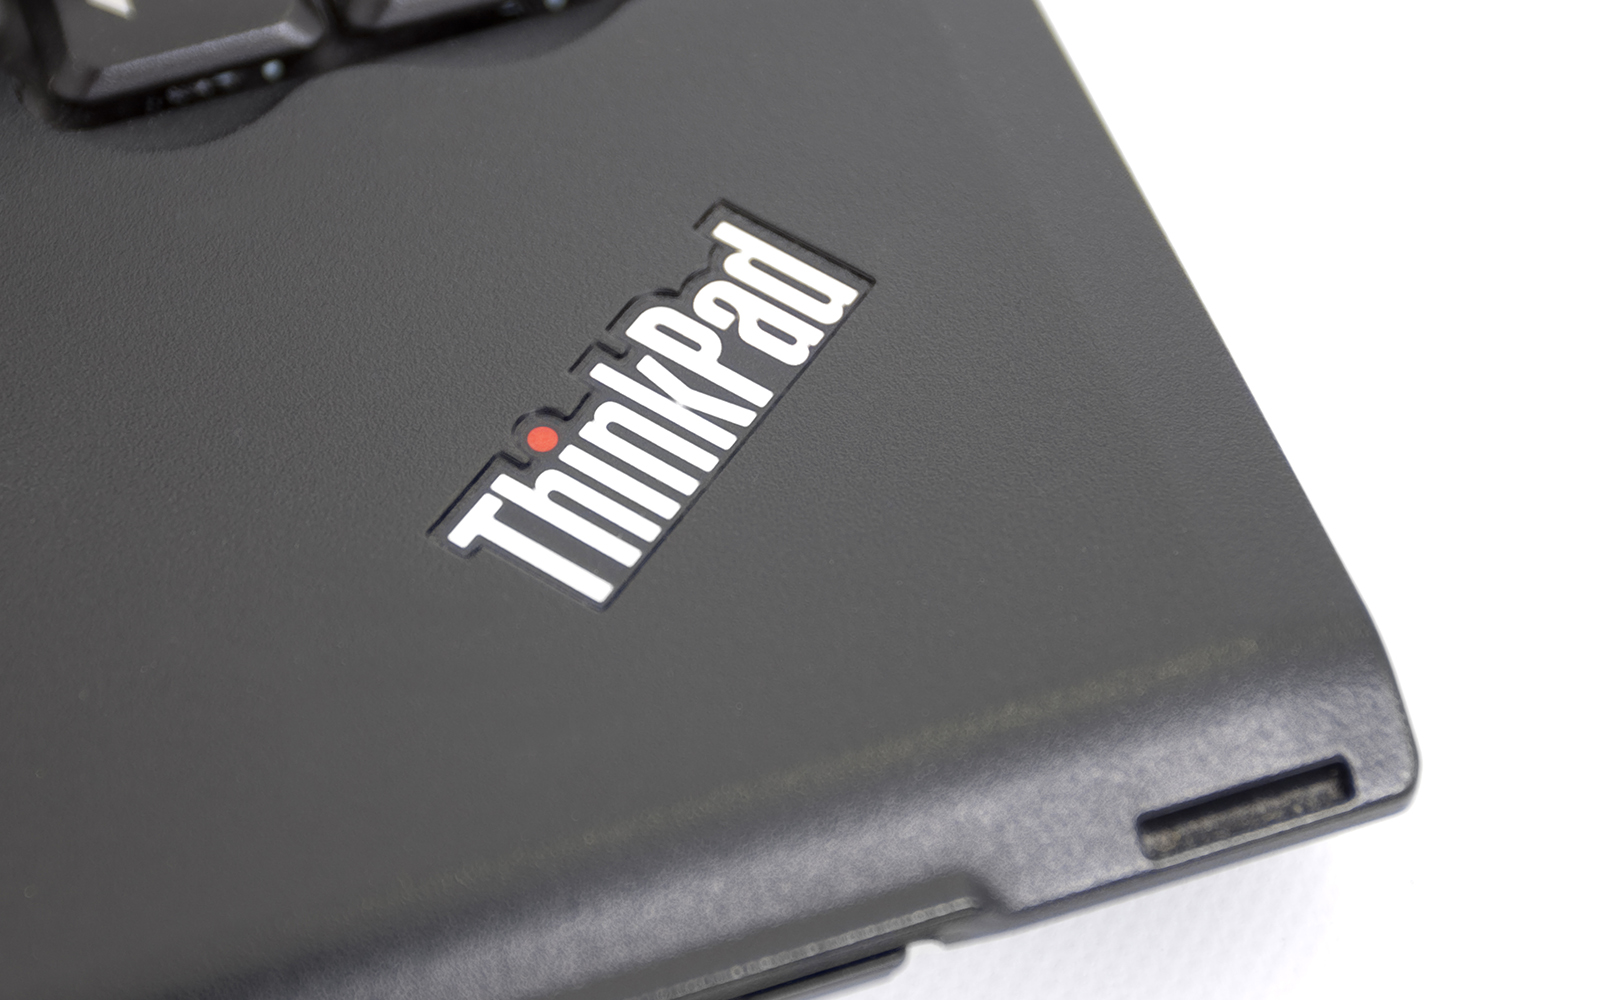 Lenovo Thinkpad X201 Notebook (iStock)